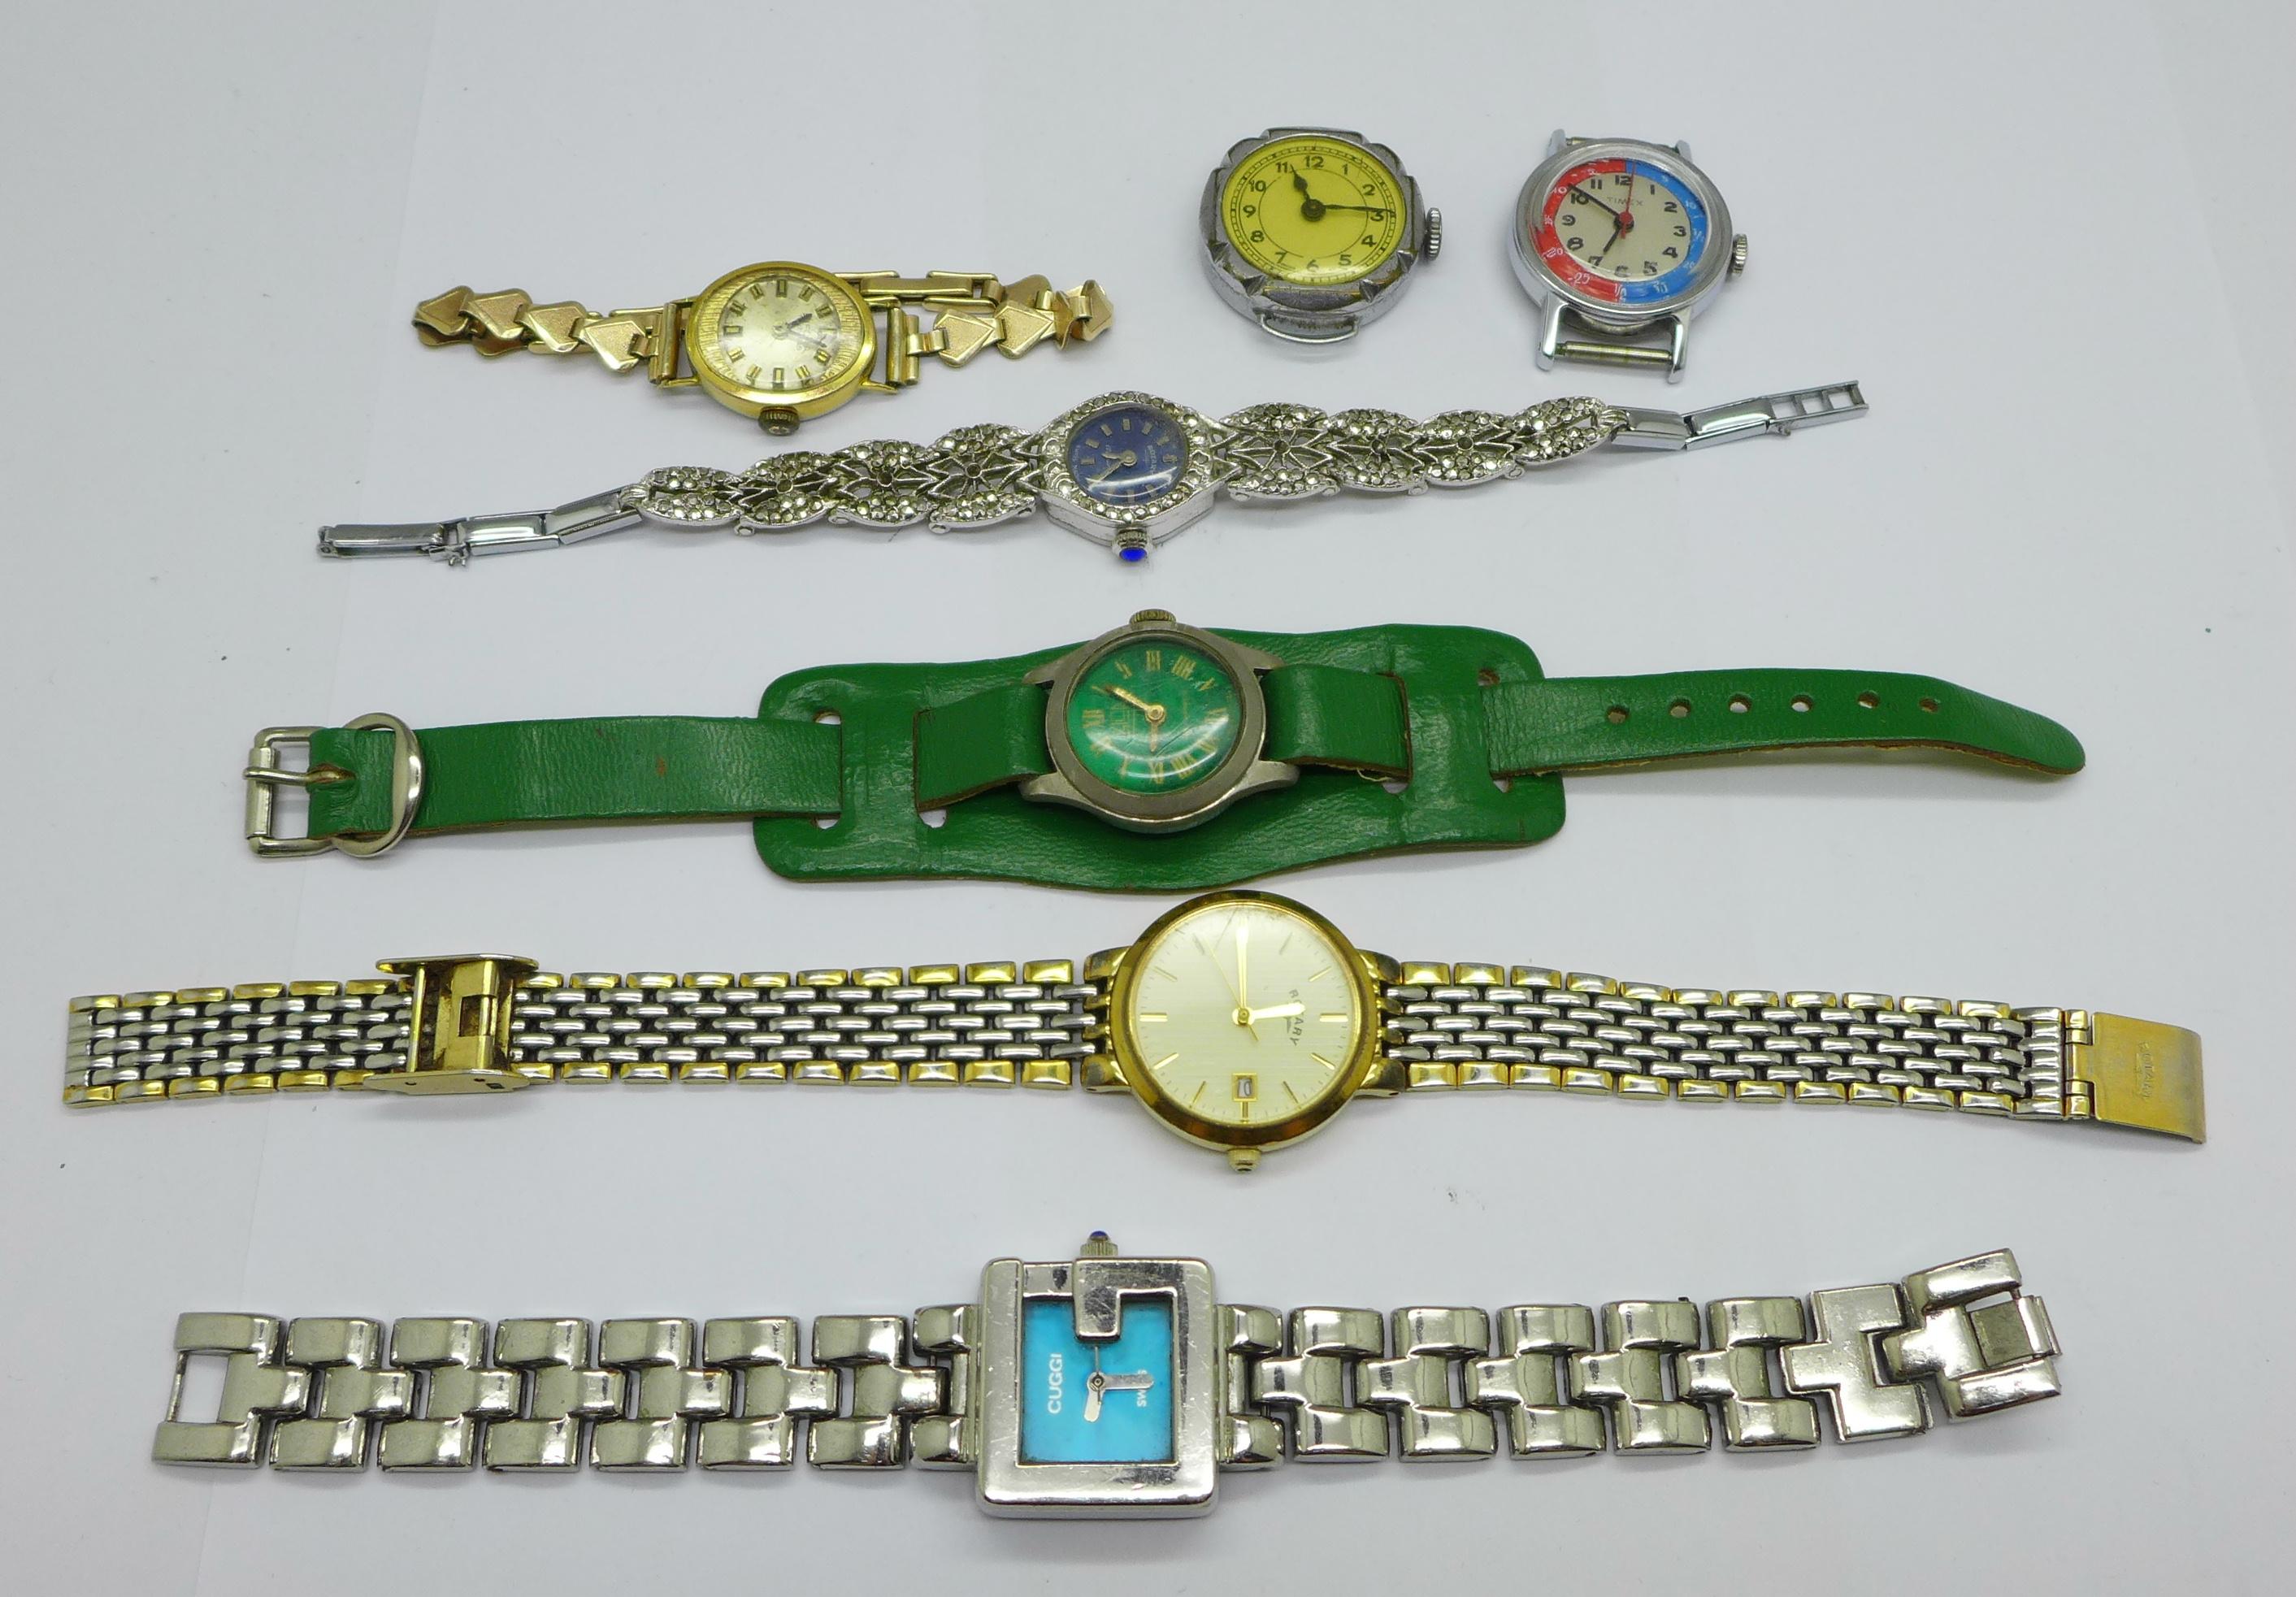 Six lady's wristwatches